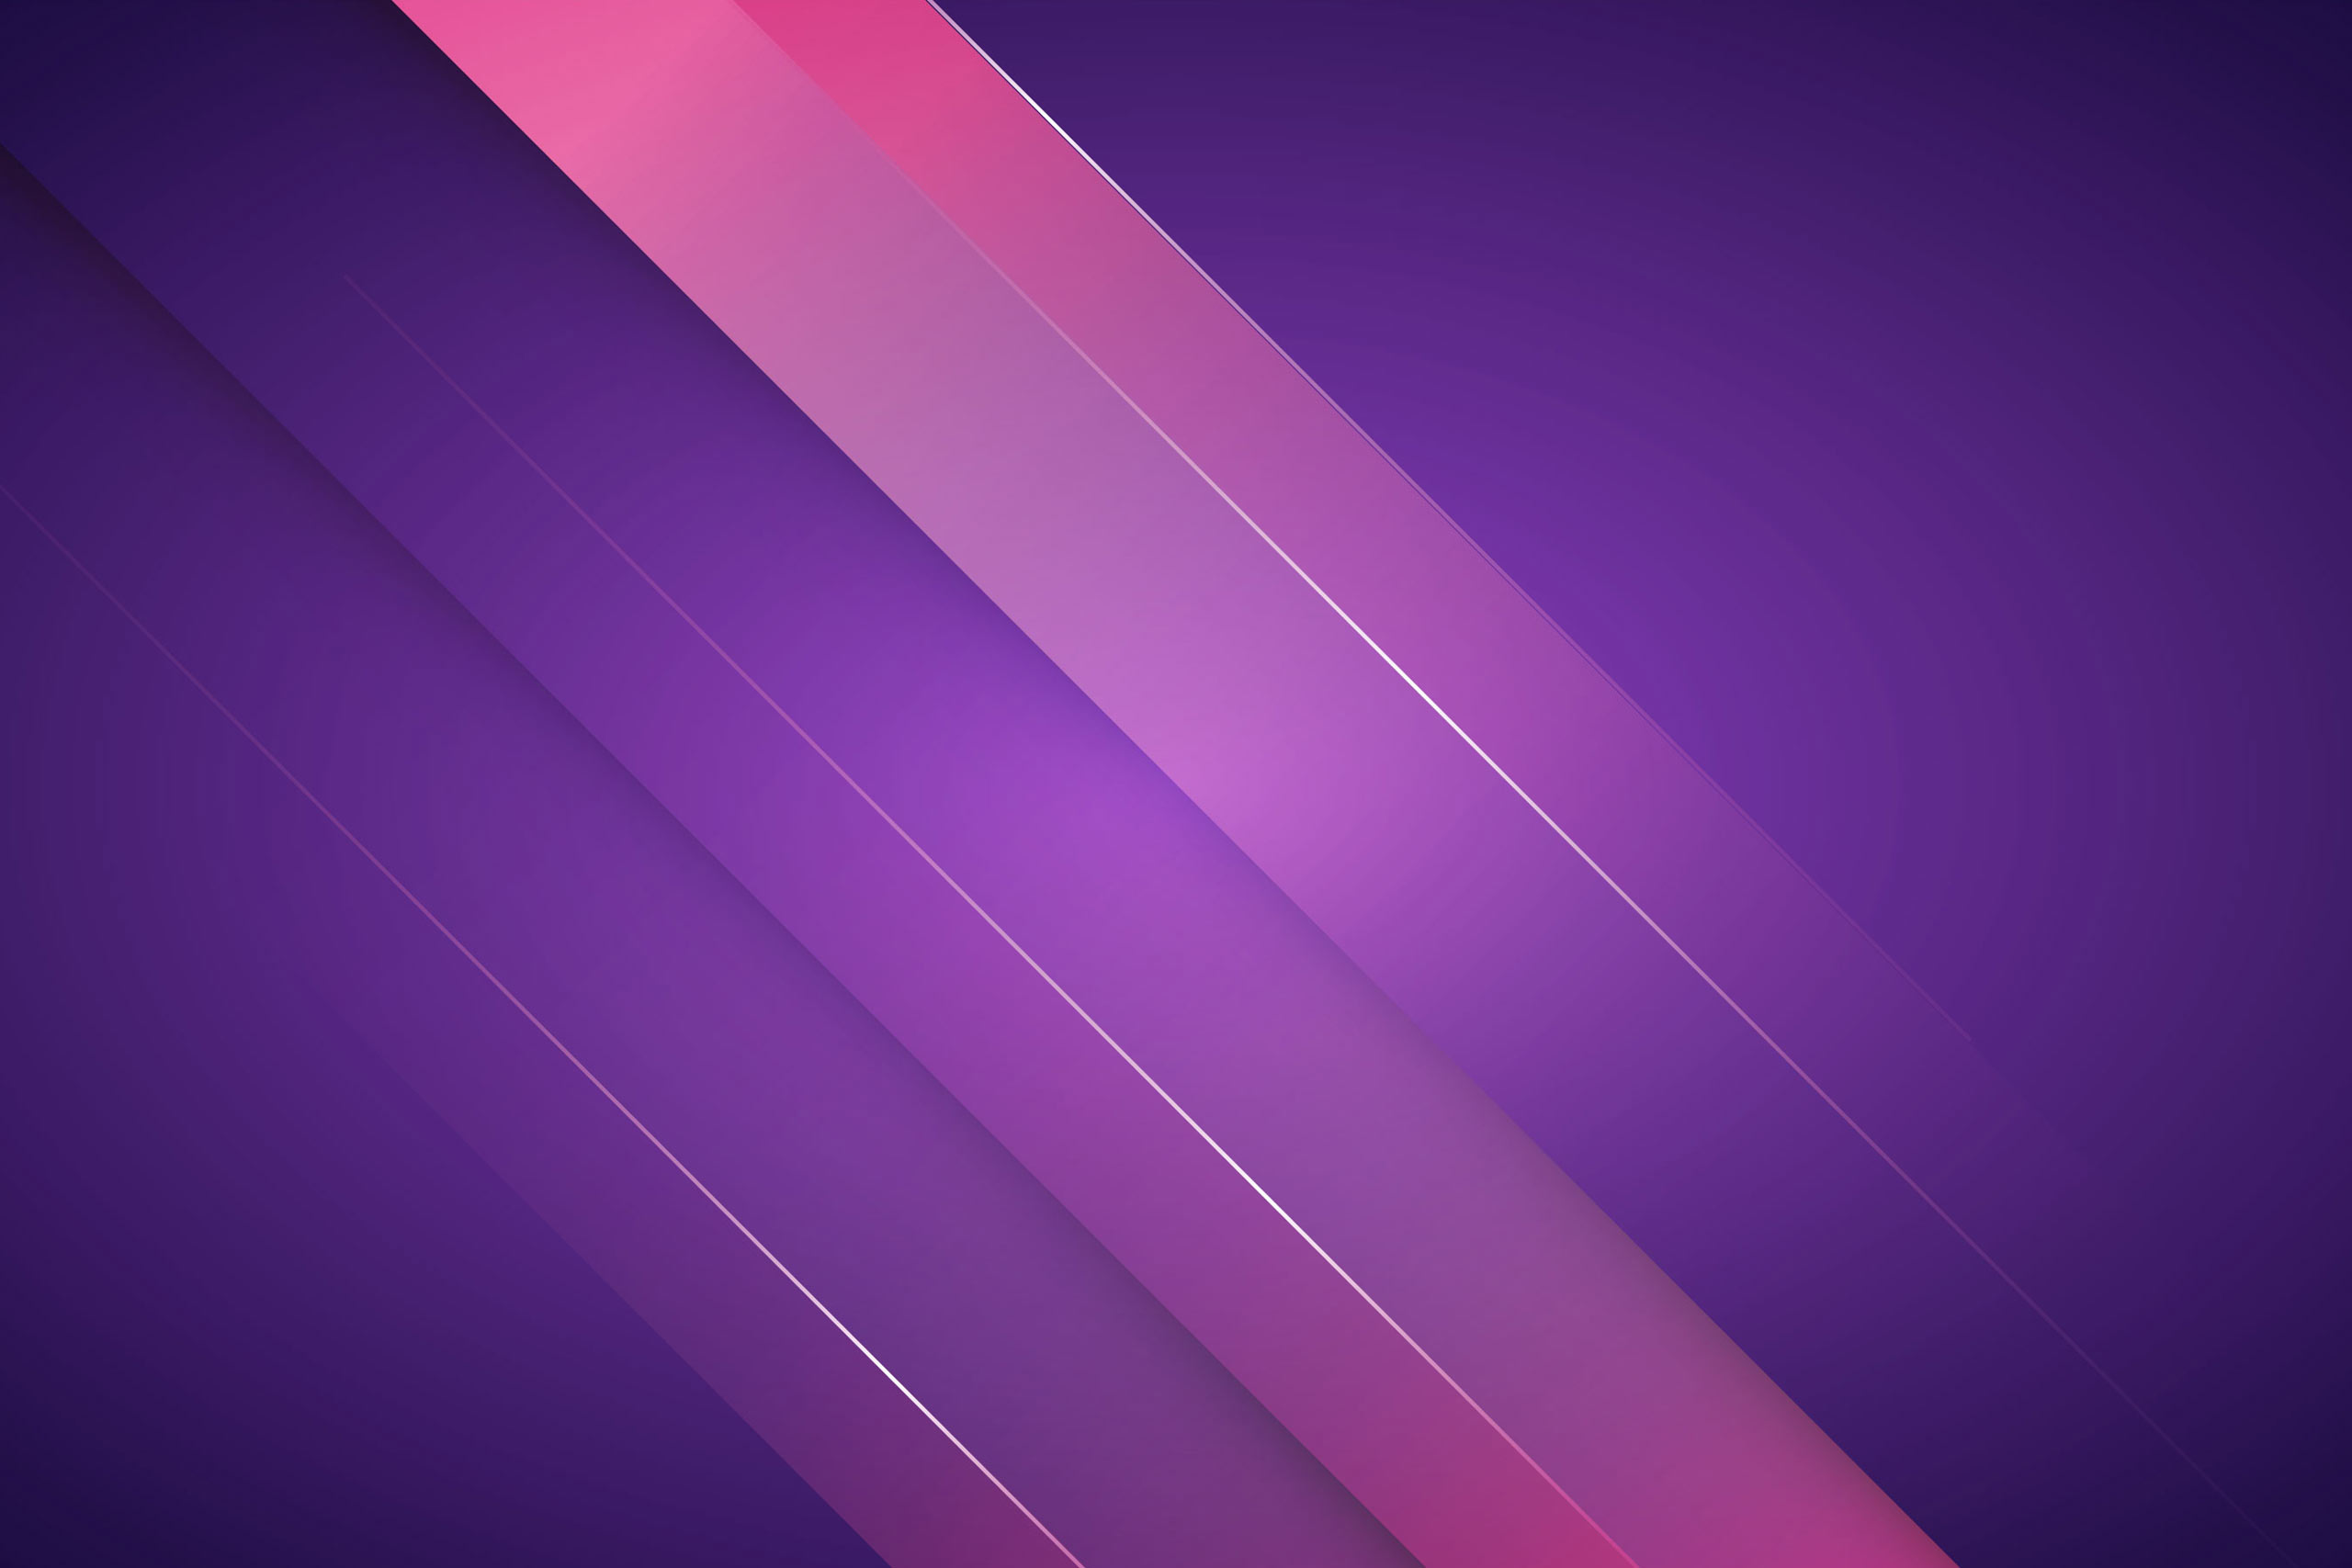 Фиолетовый фон с розовыми косыми линиями.